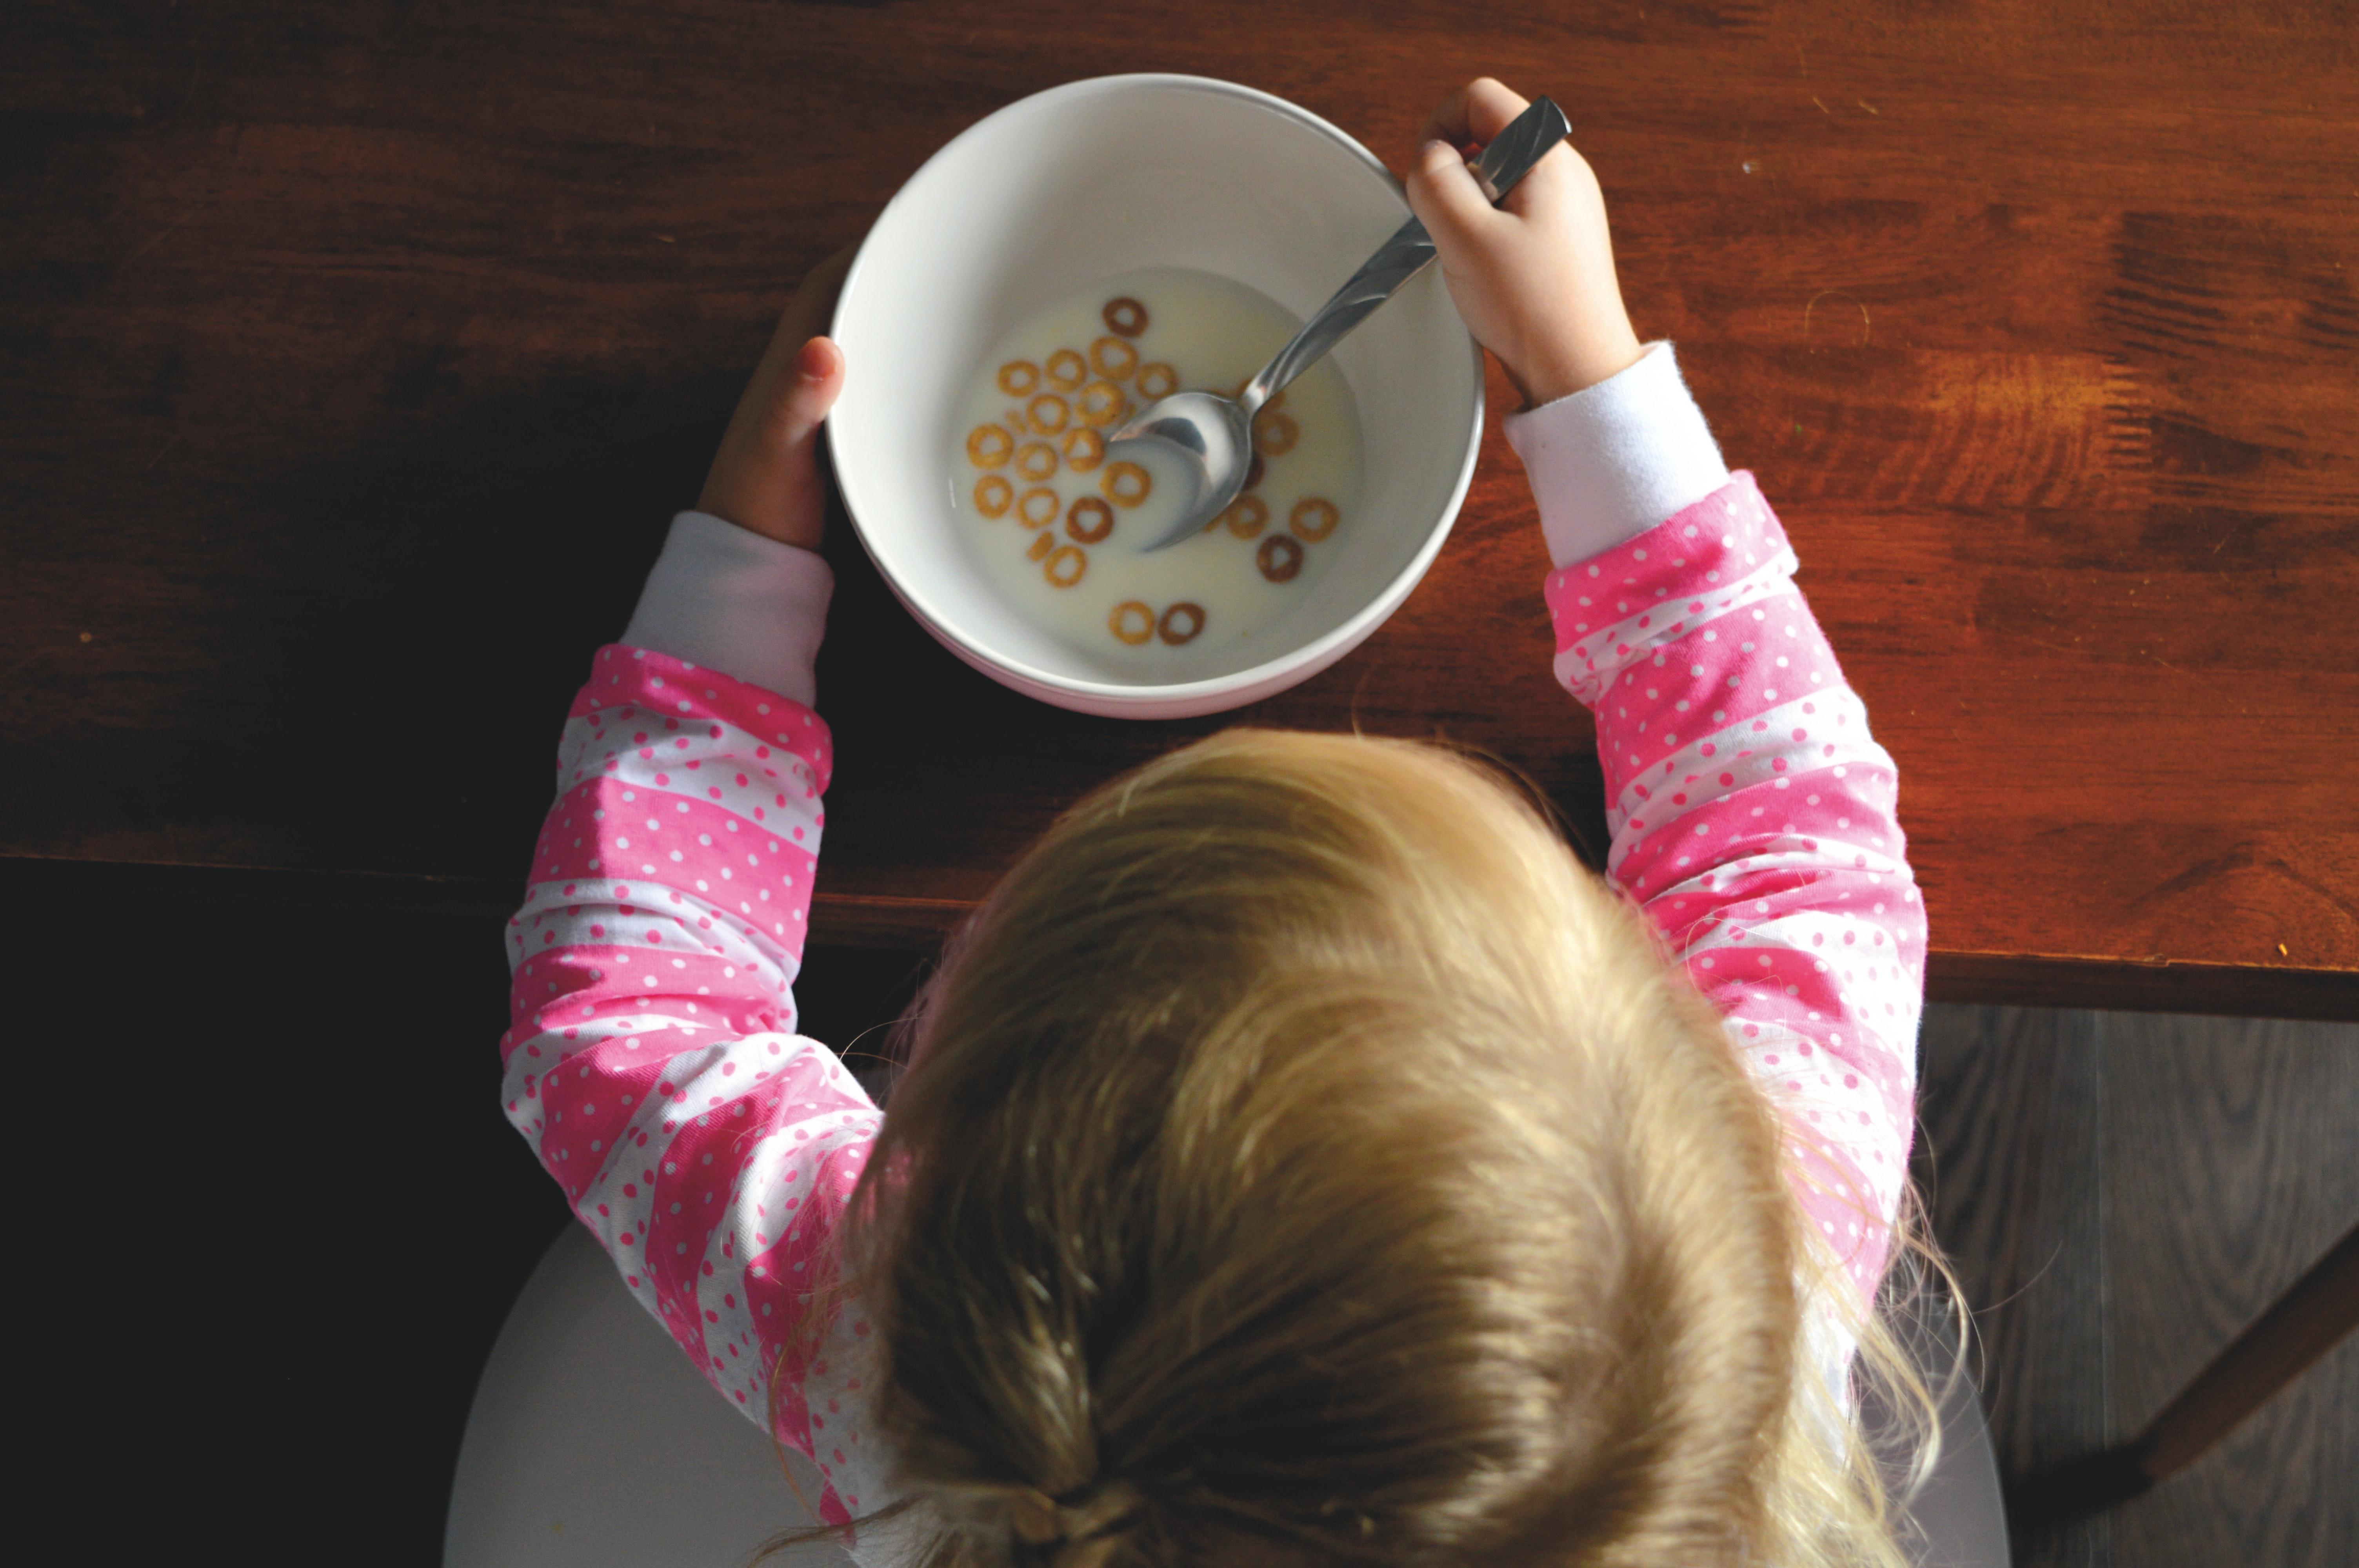 Kako su porodična jutra obično ispunjena gužvom oko spremanja za školu i posao, dešava se da roditelji nemaju uvek vremena da za decu pripreme nutritivno bogat doručak, nego u brzini izaberu neke druge opcije koje nisu toliko zdrave.